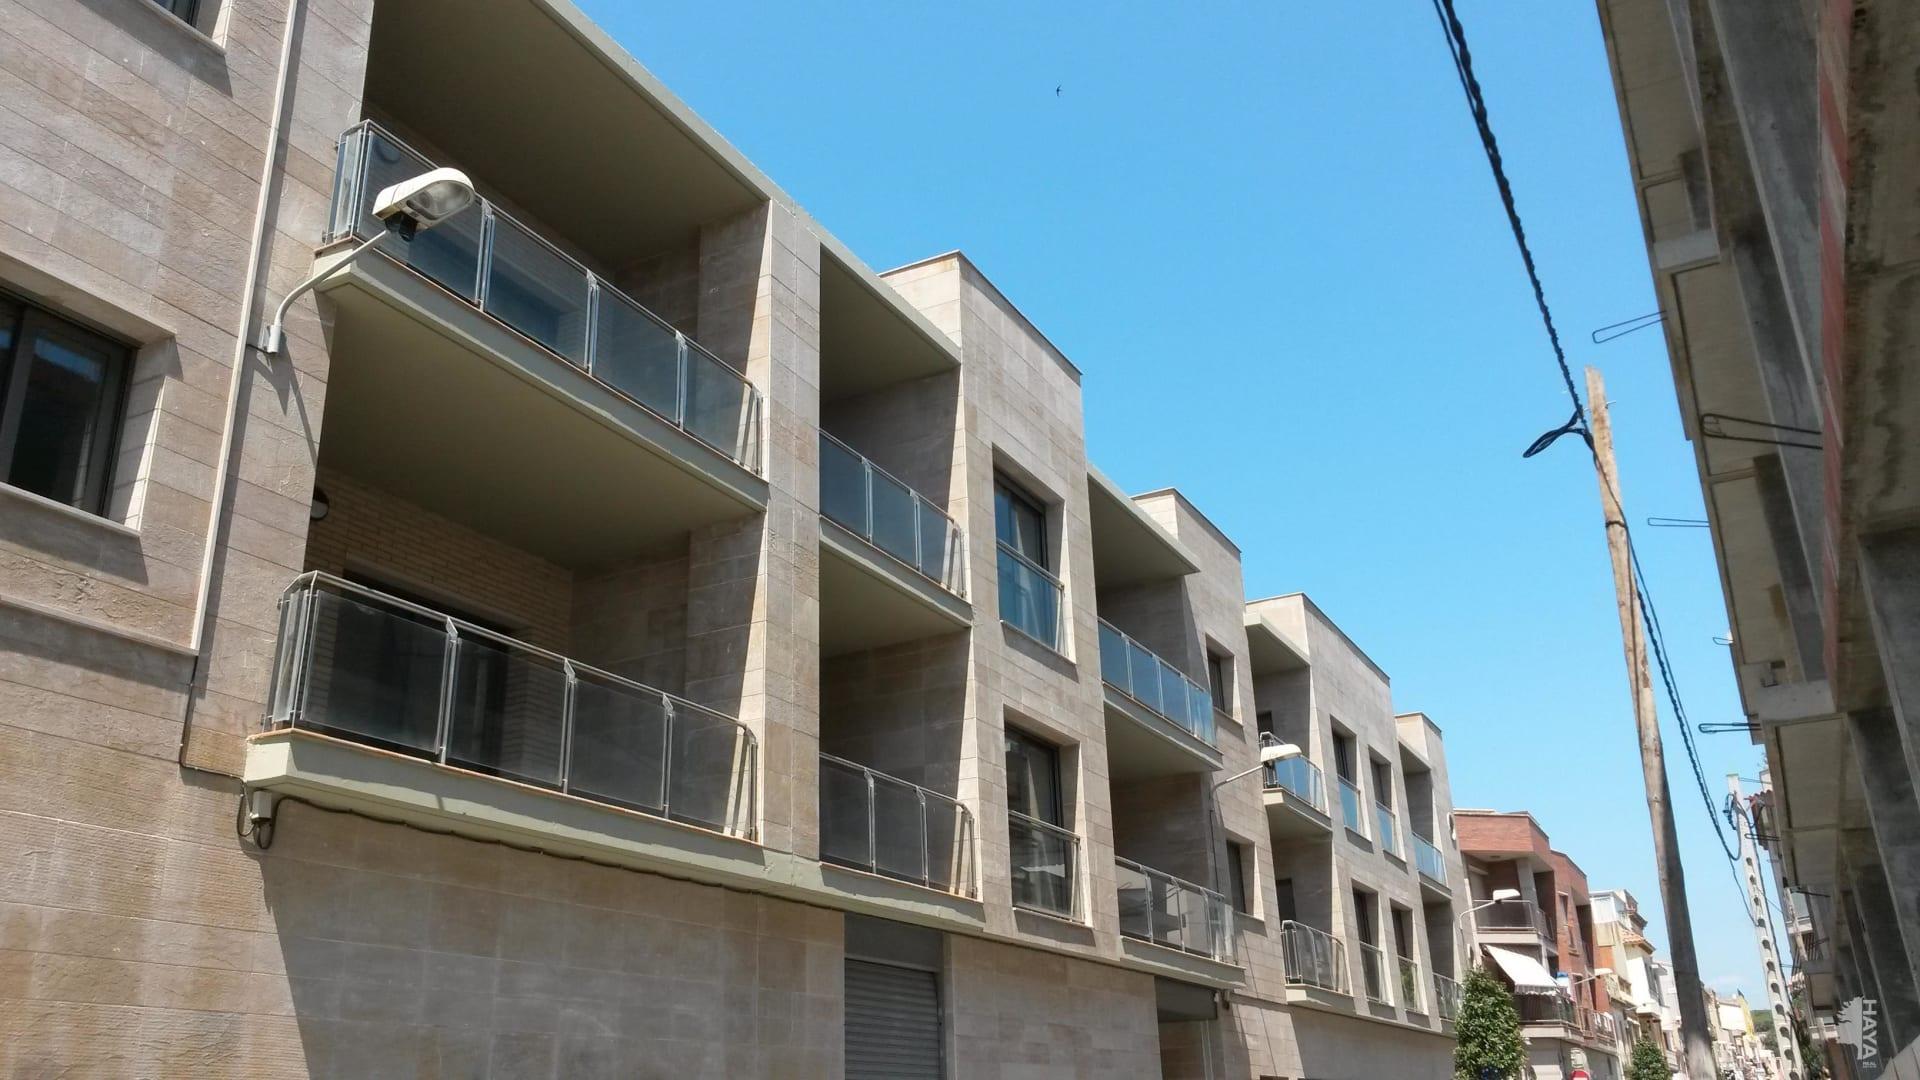 Piso en venta en Malgrat de Mar, Barcelona, Calle Sant Esteve, 170.000 €, 3 habitaciones, 2 baños, 124 m2